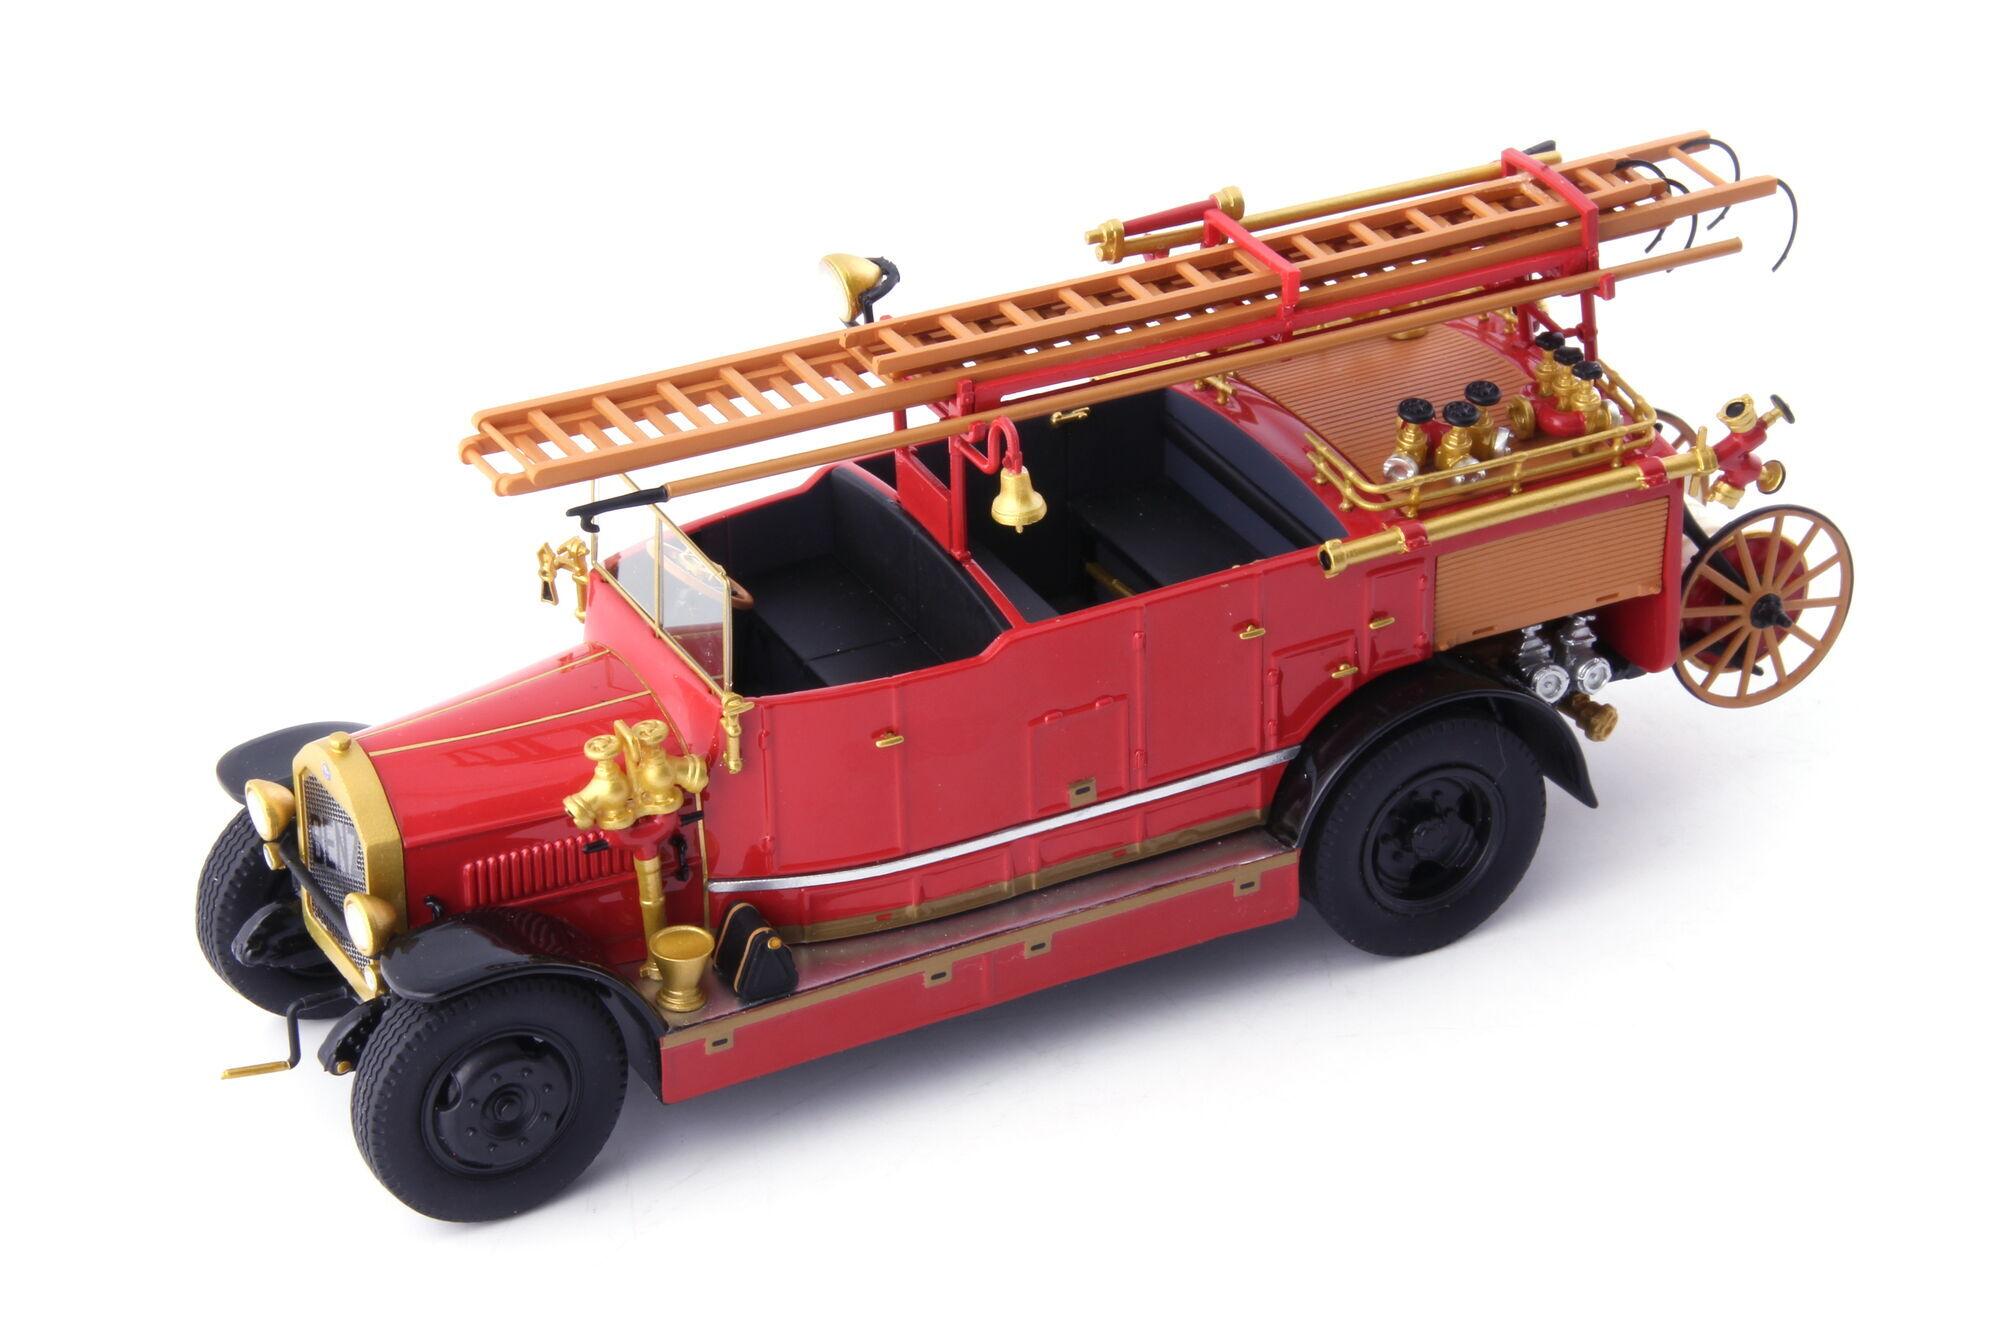 Копия пожарного автомобиля Benz 2 CSN 1925 года изготовлена в масштабе 1/43 компанией Autocult